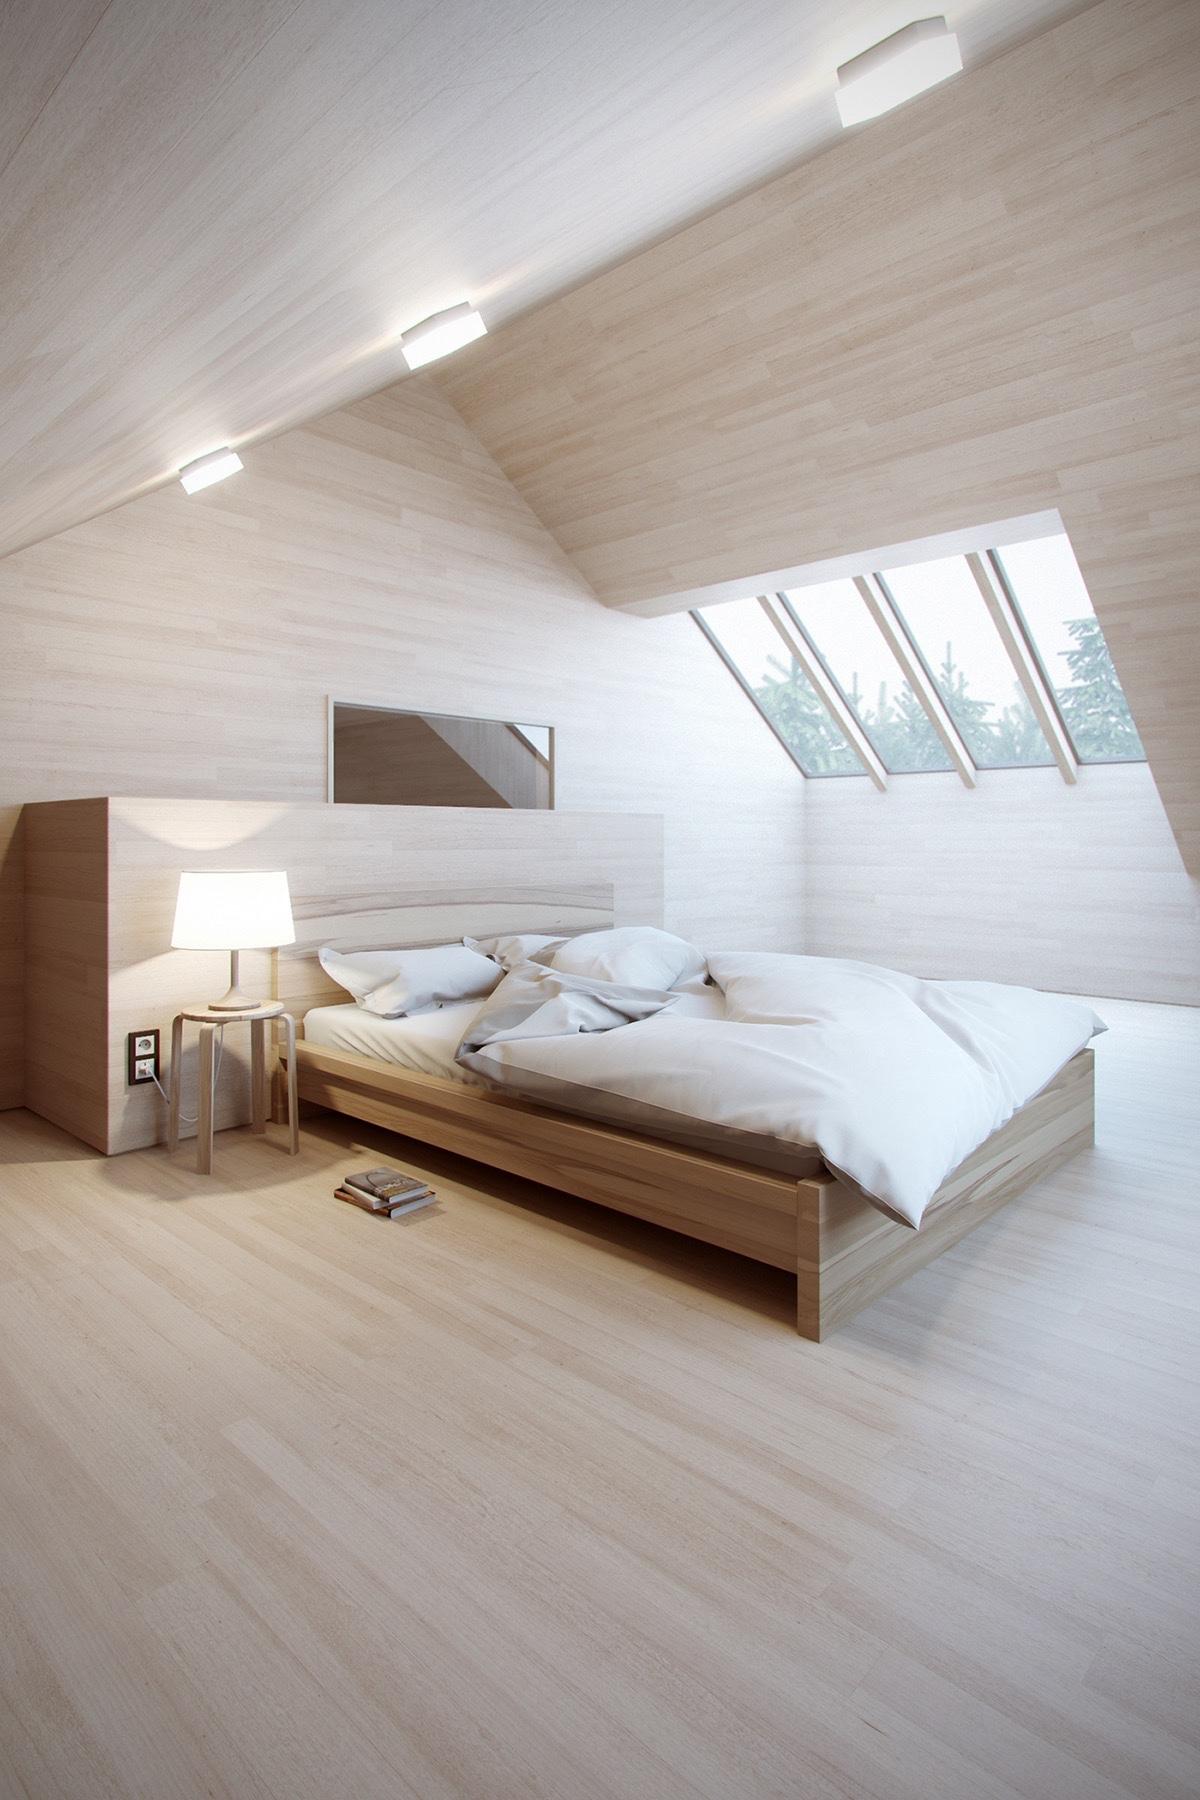 loft conversion ideas nz - Camere da letto in mansarda Mansarda